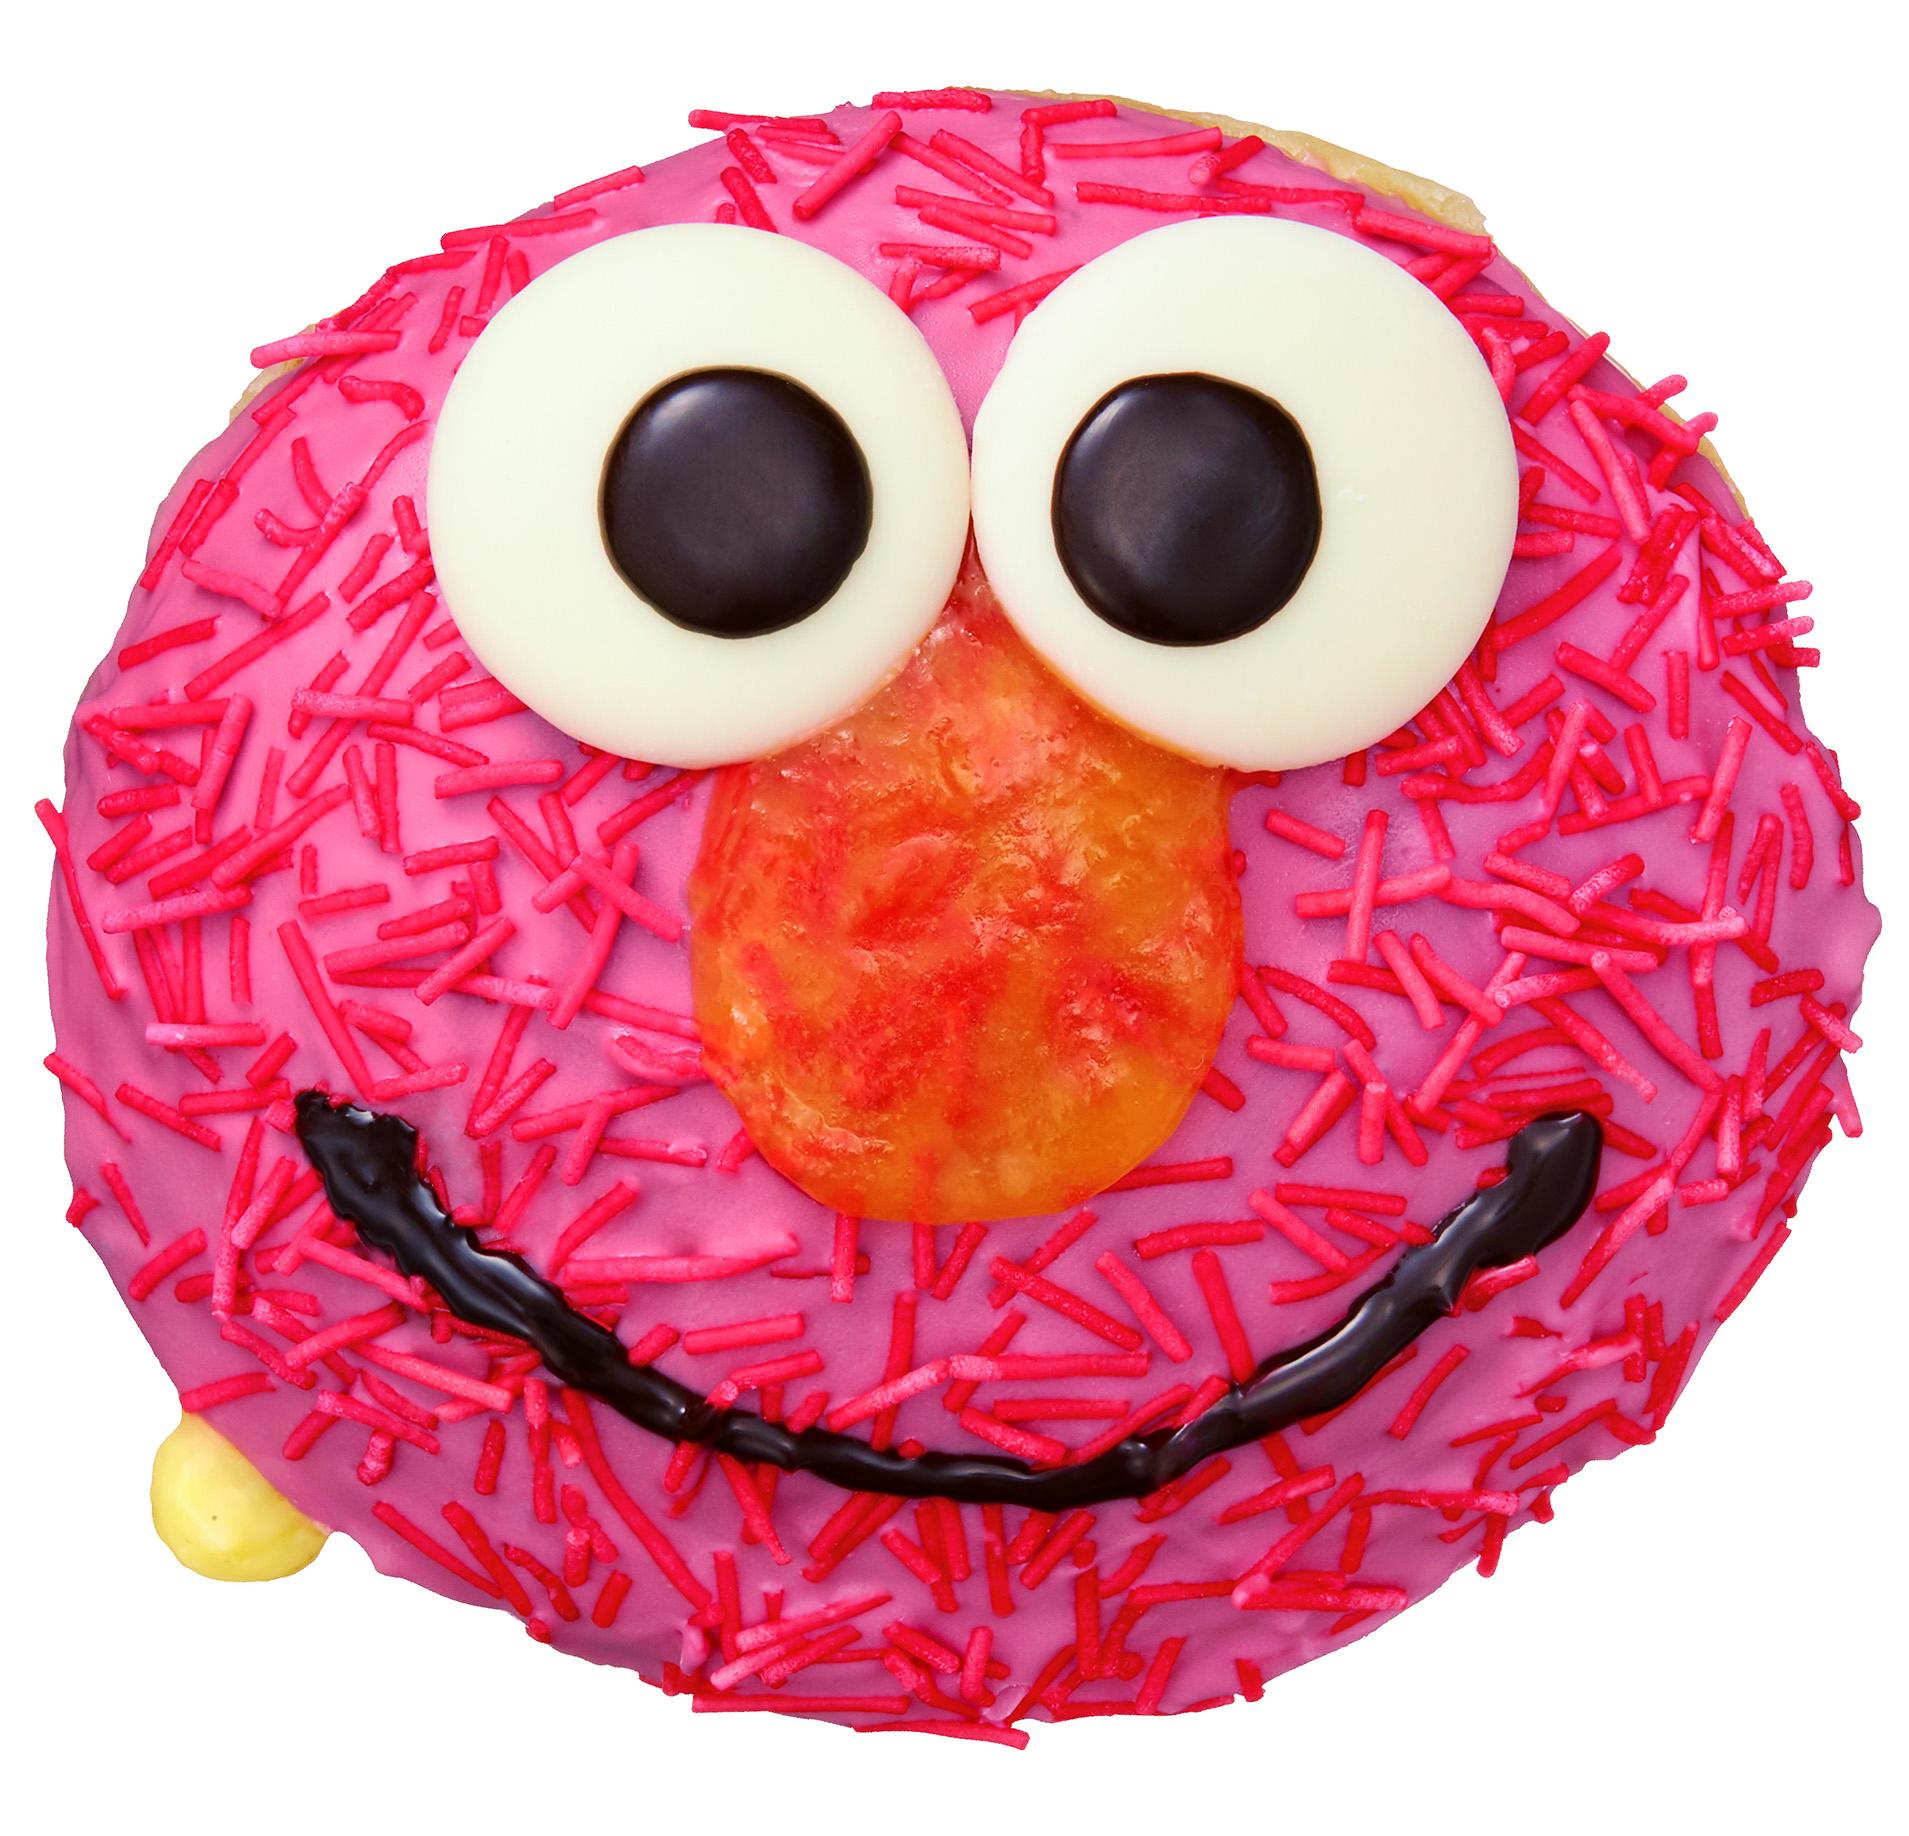 エルモやクッキーモンスターがドーナツに クリスピー クリーム ドーナツ と セサミストリート の限定コラボ登場 ローリエプレス